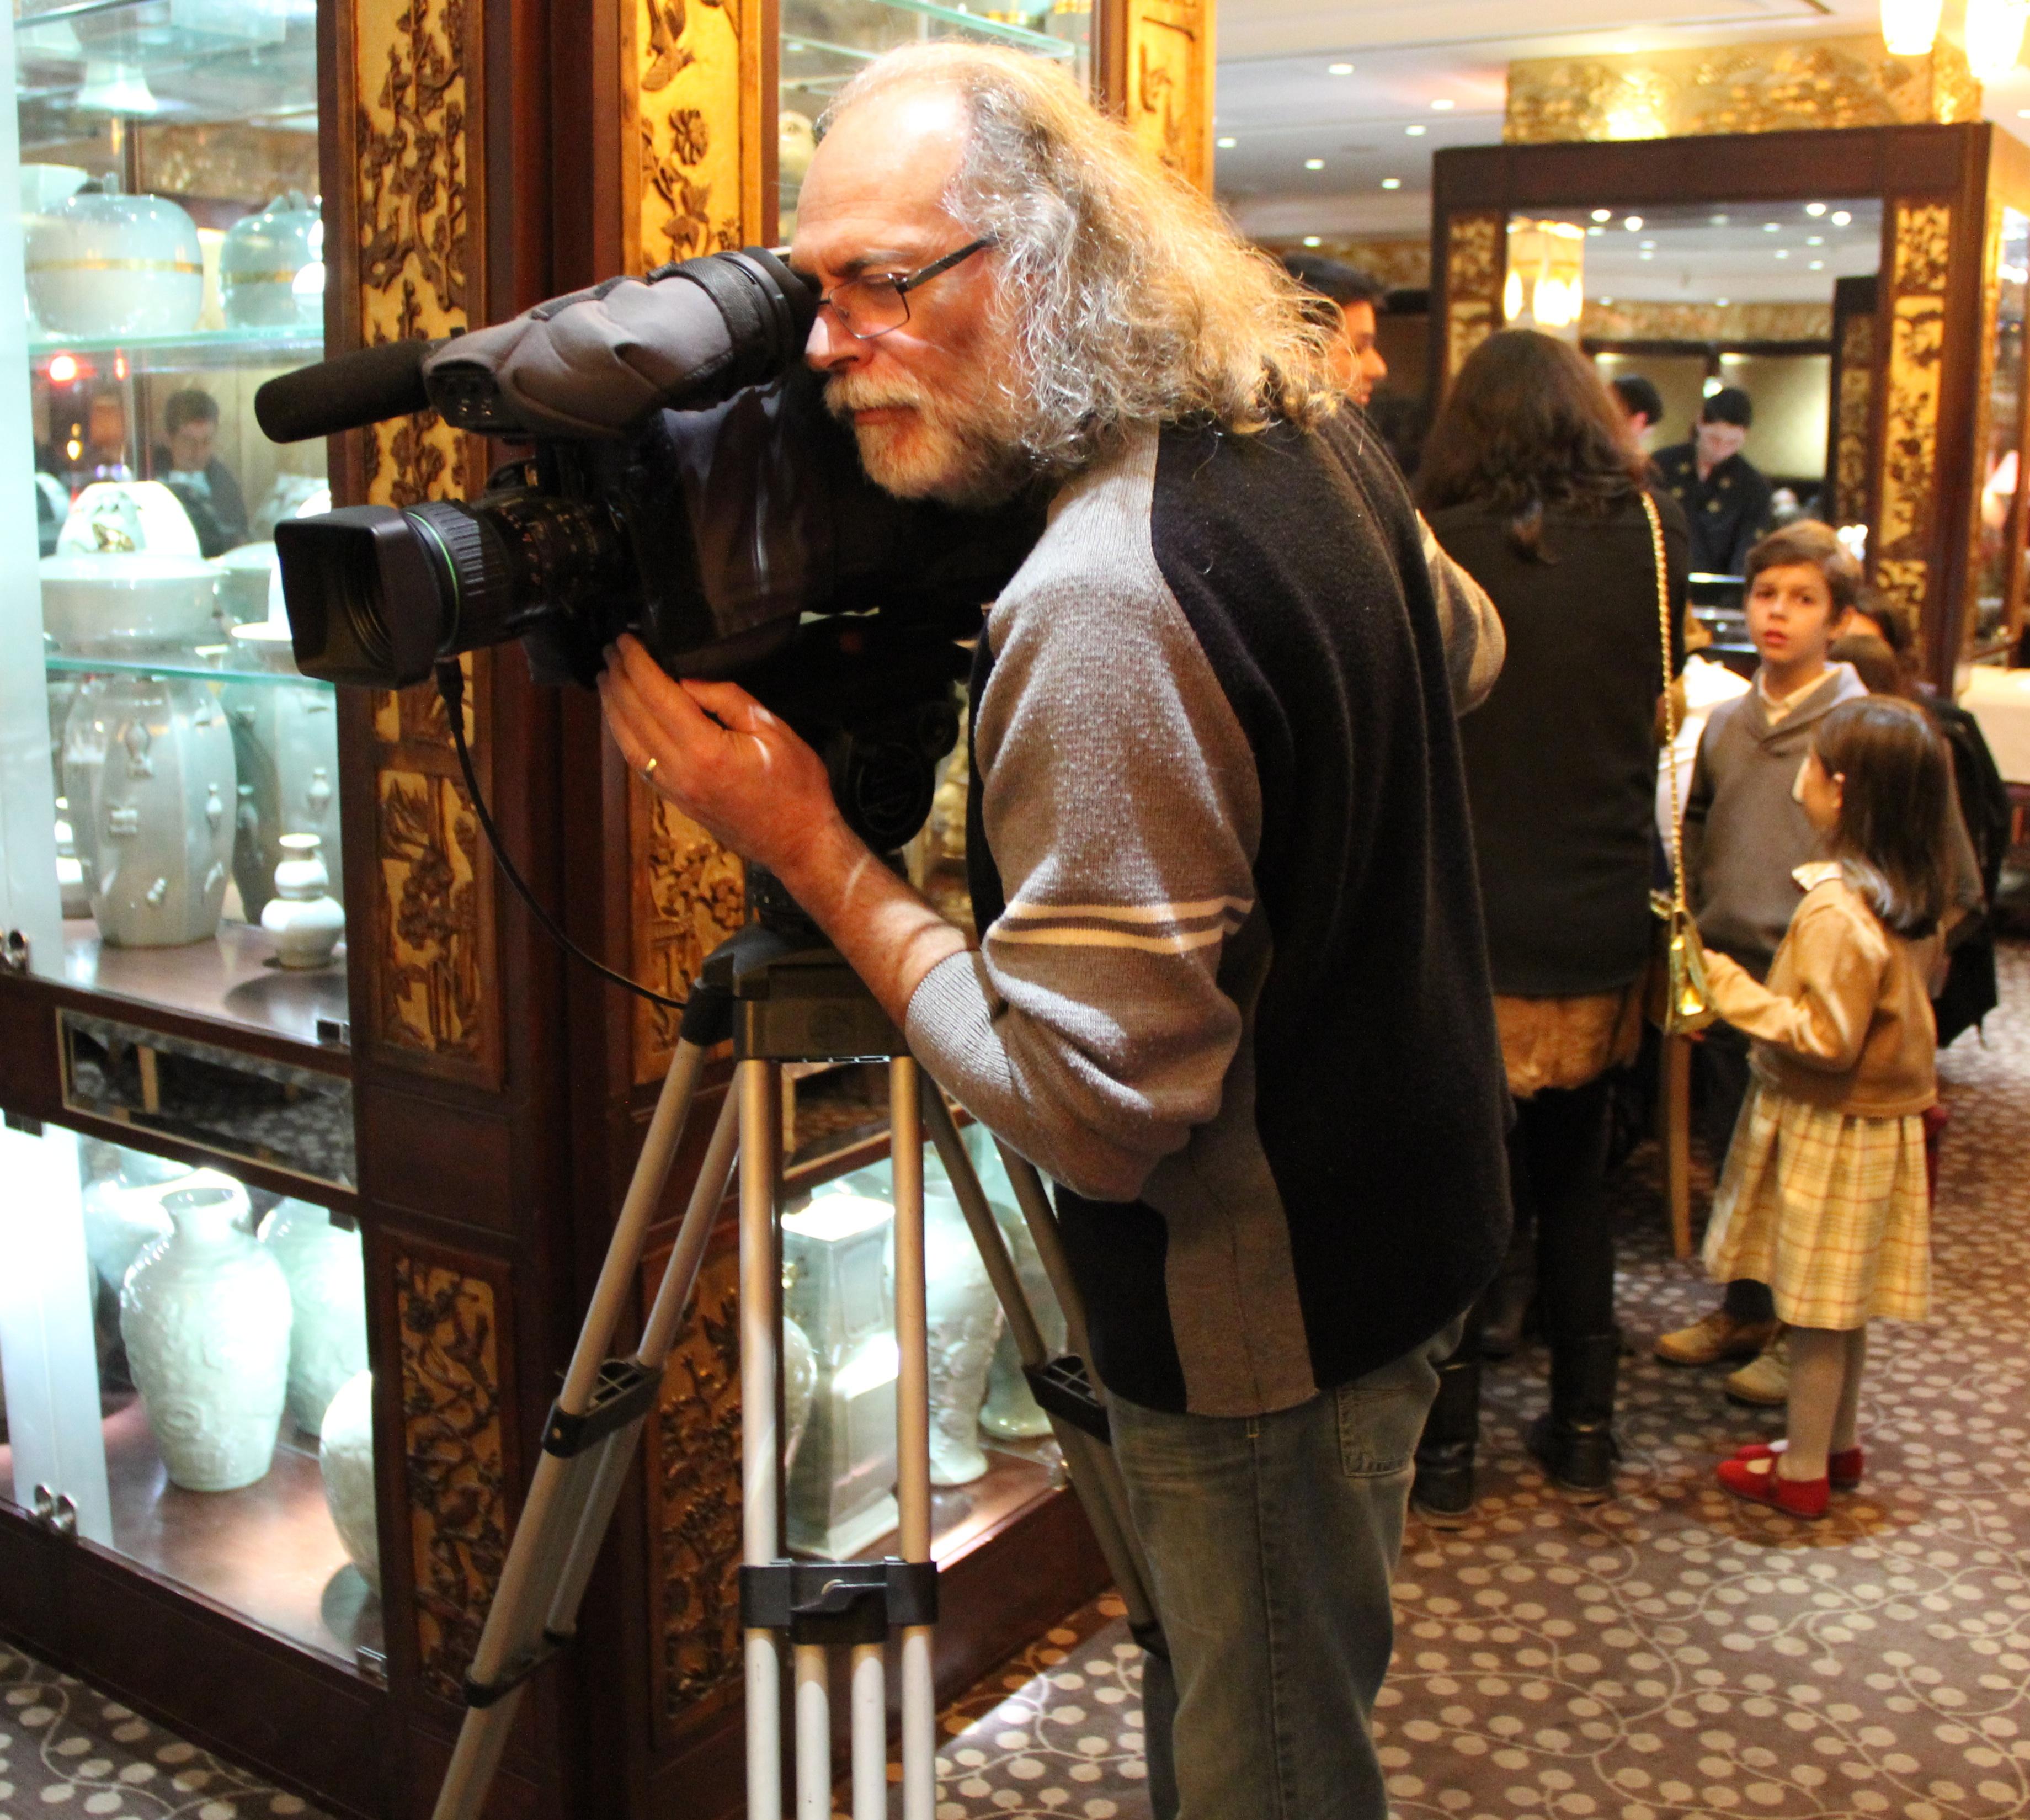 As primeiras filmagens de Carlos Fraga foram feitas no restaurante Mandarim no Casino Estoril